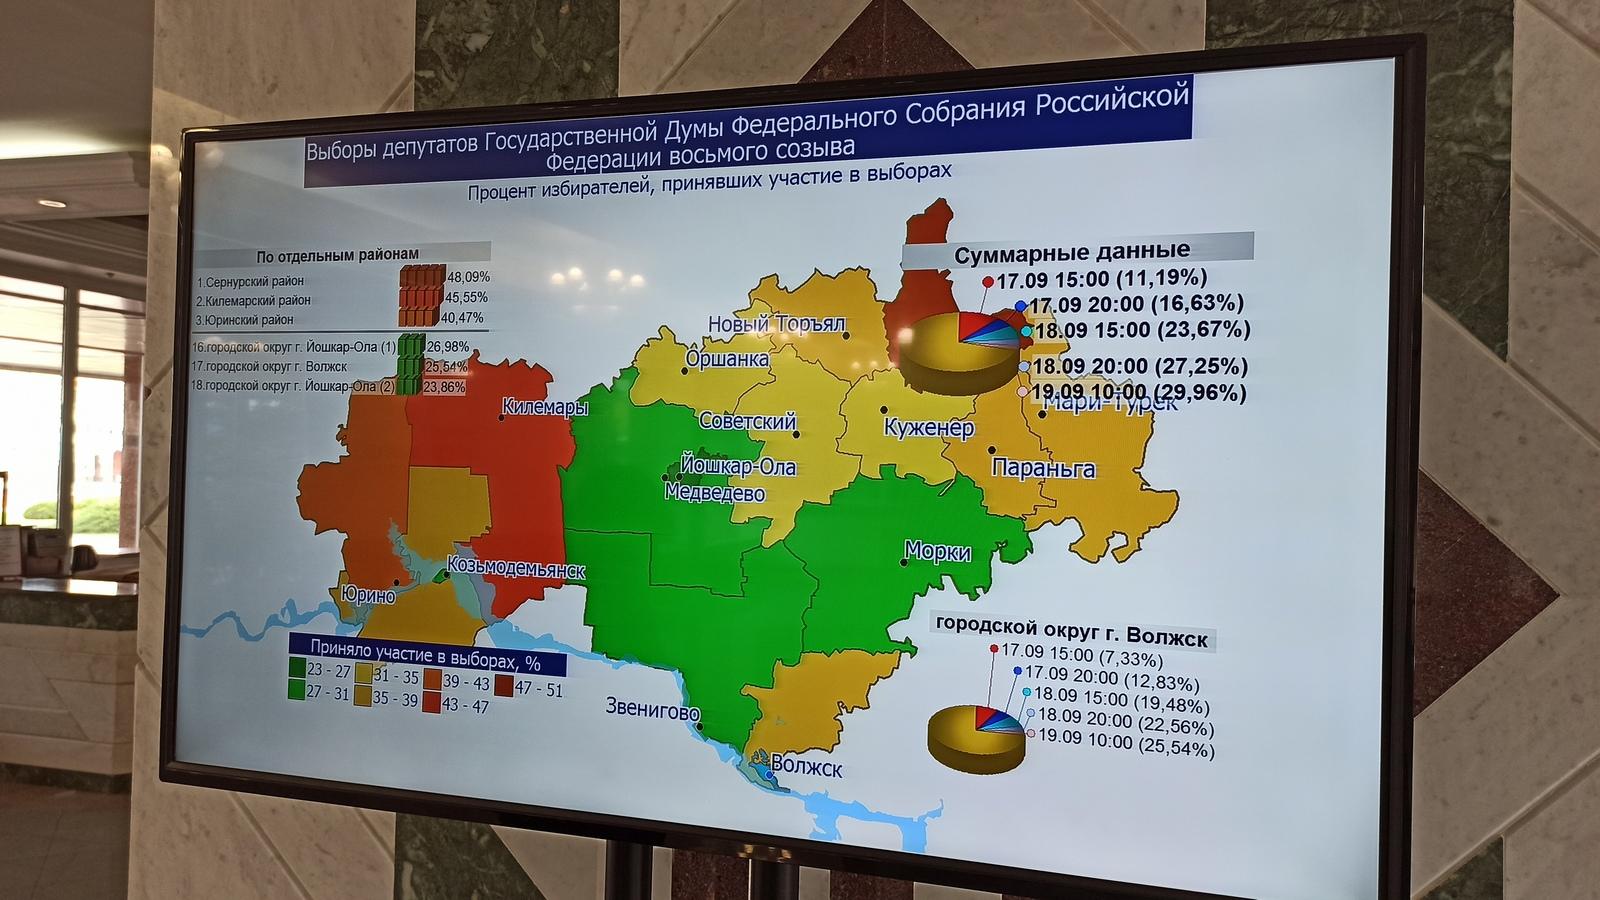 Явка на выборах в Марий Эл составляет 29,96 %